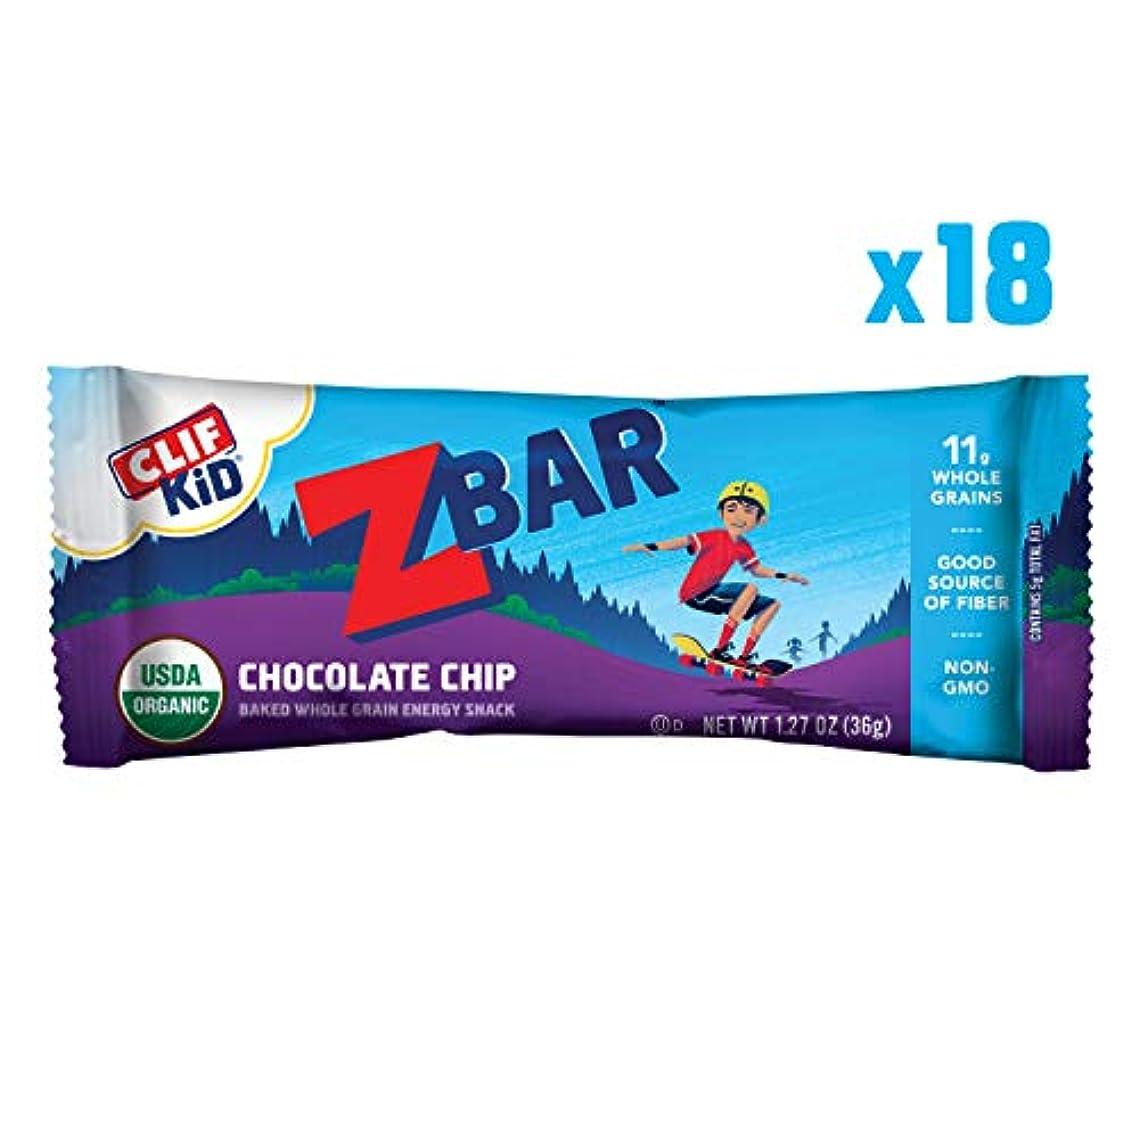 死の顎着る他のバンドでClif Bar Z Bar for Kids Chocolate Chip 18 bars ?????